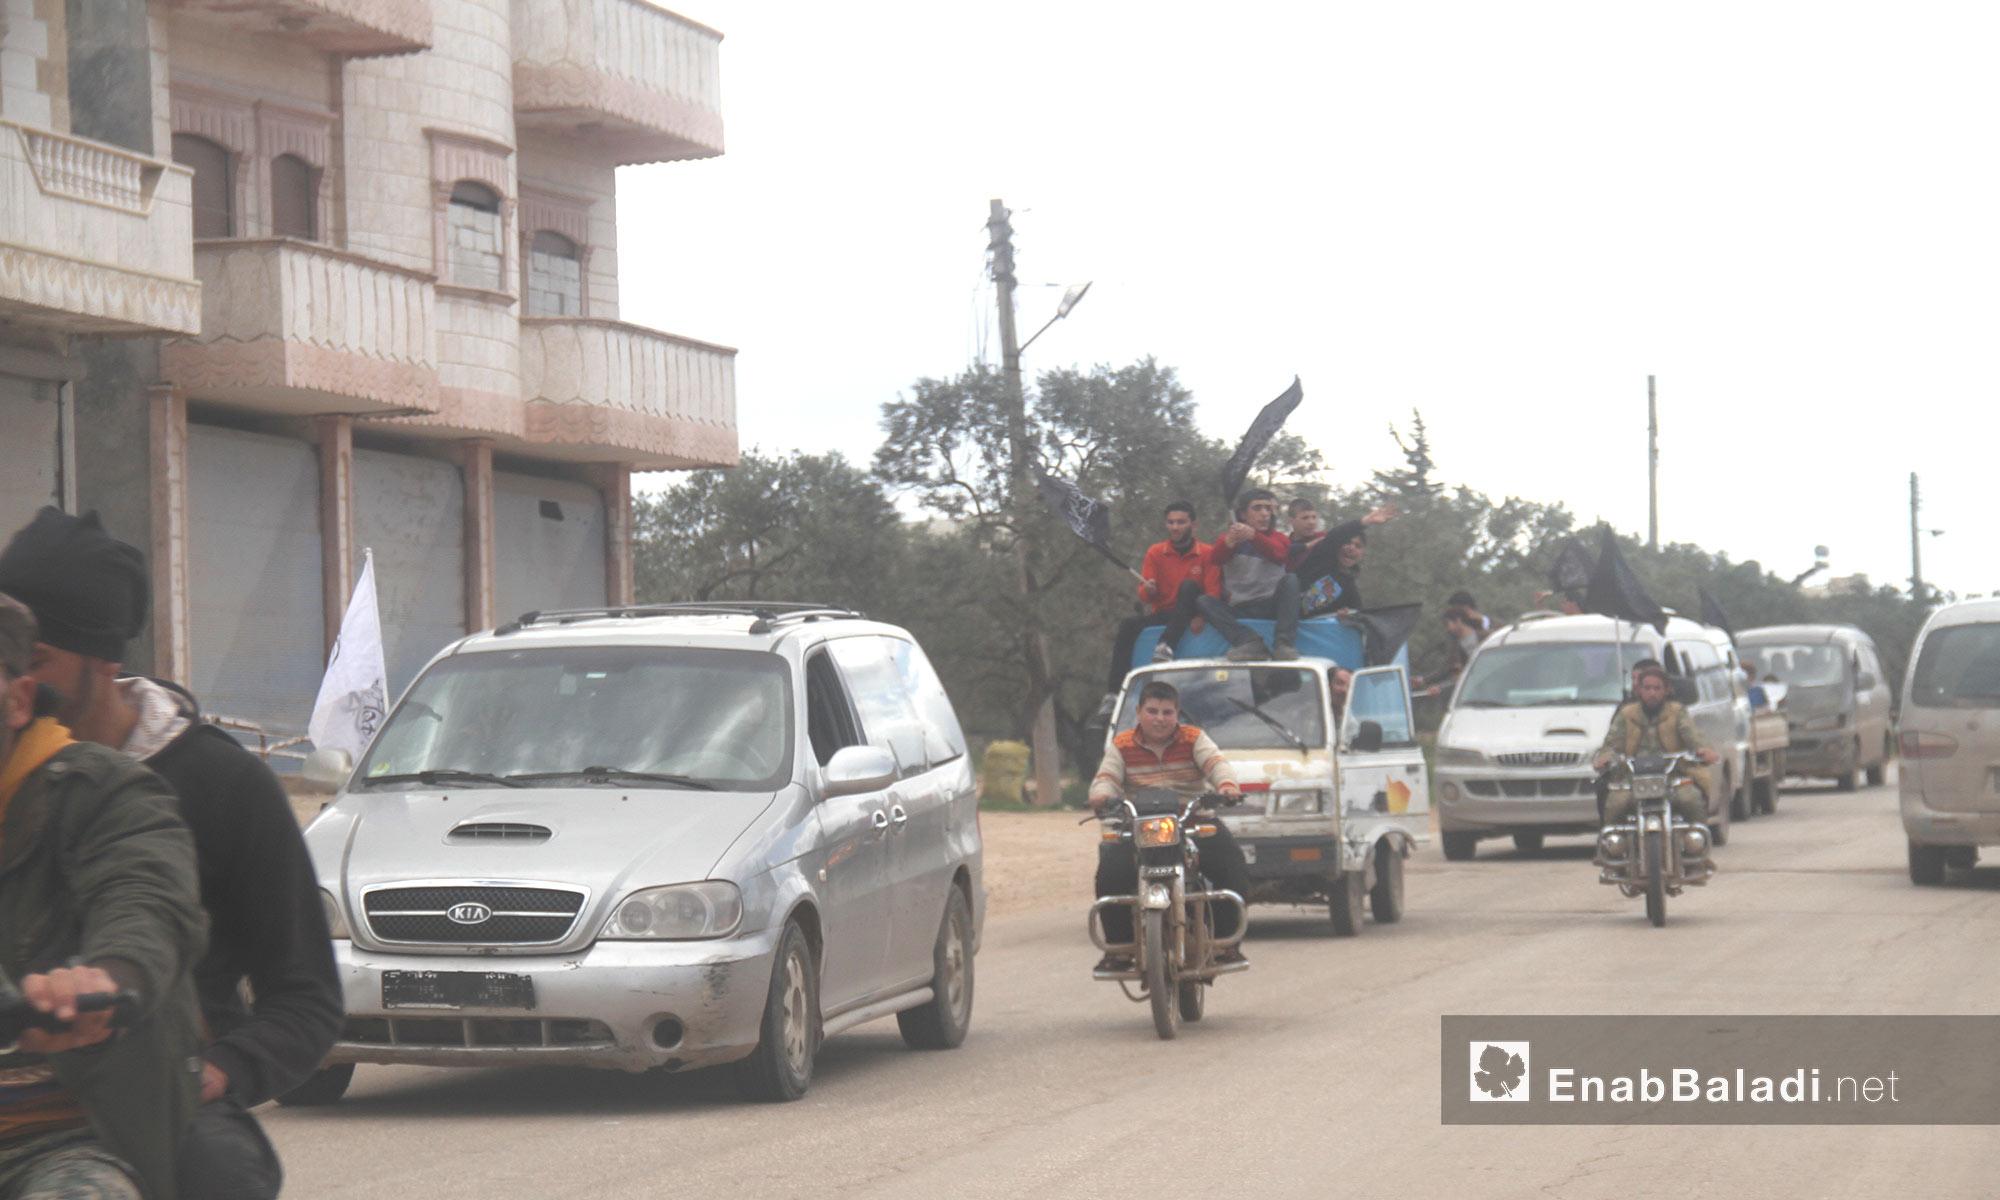 """متظاهرون خرجوا من مدينة إدلب منددين باتفاق """"المدن الخمس"""" - 14 نيسان 2017 (عنب بلدي)"""